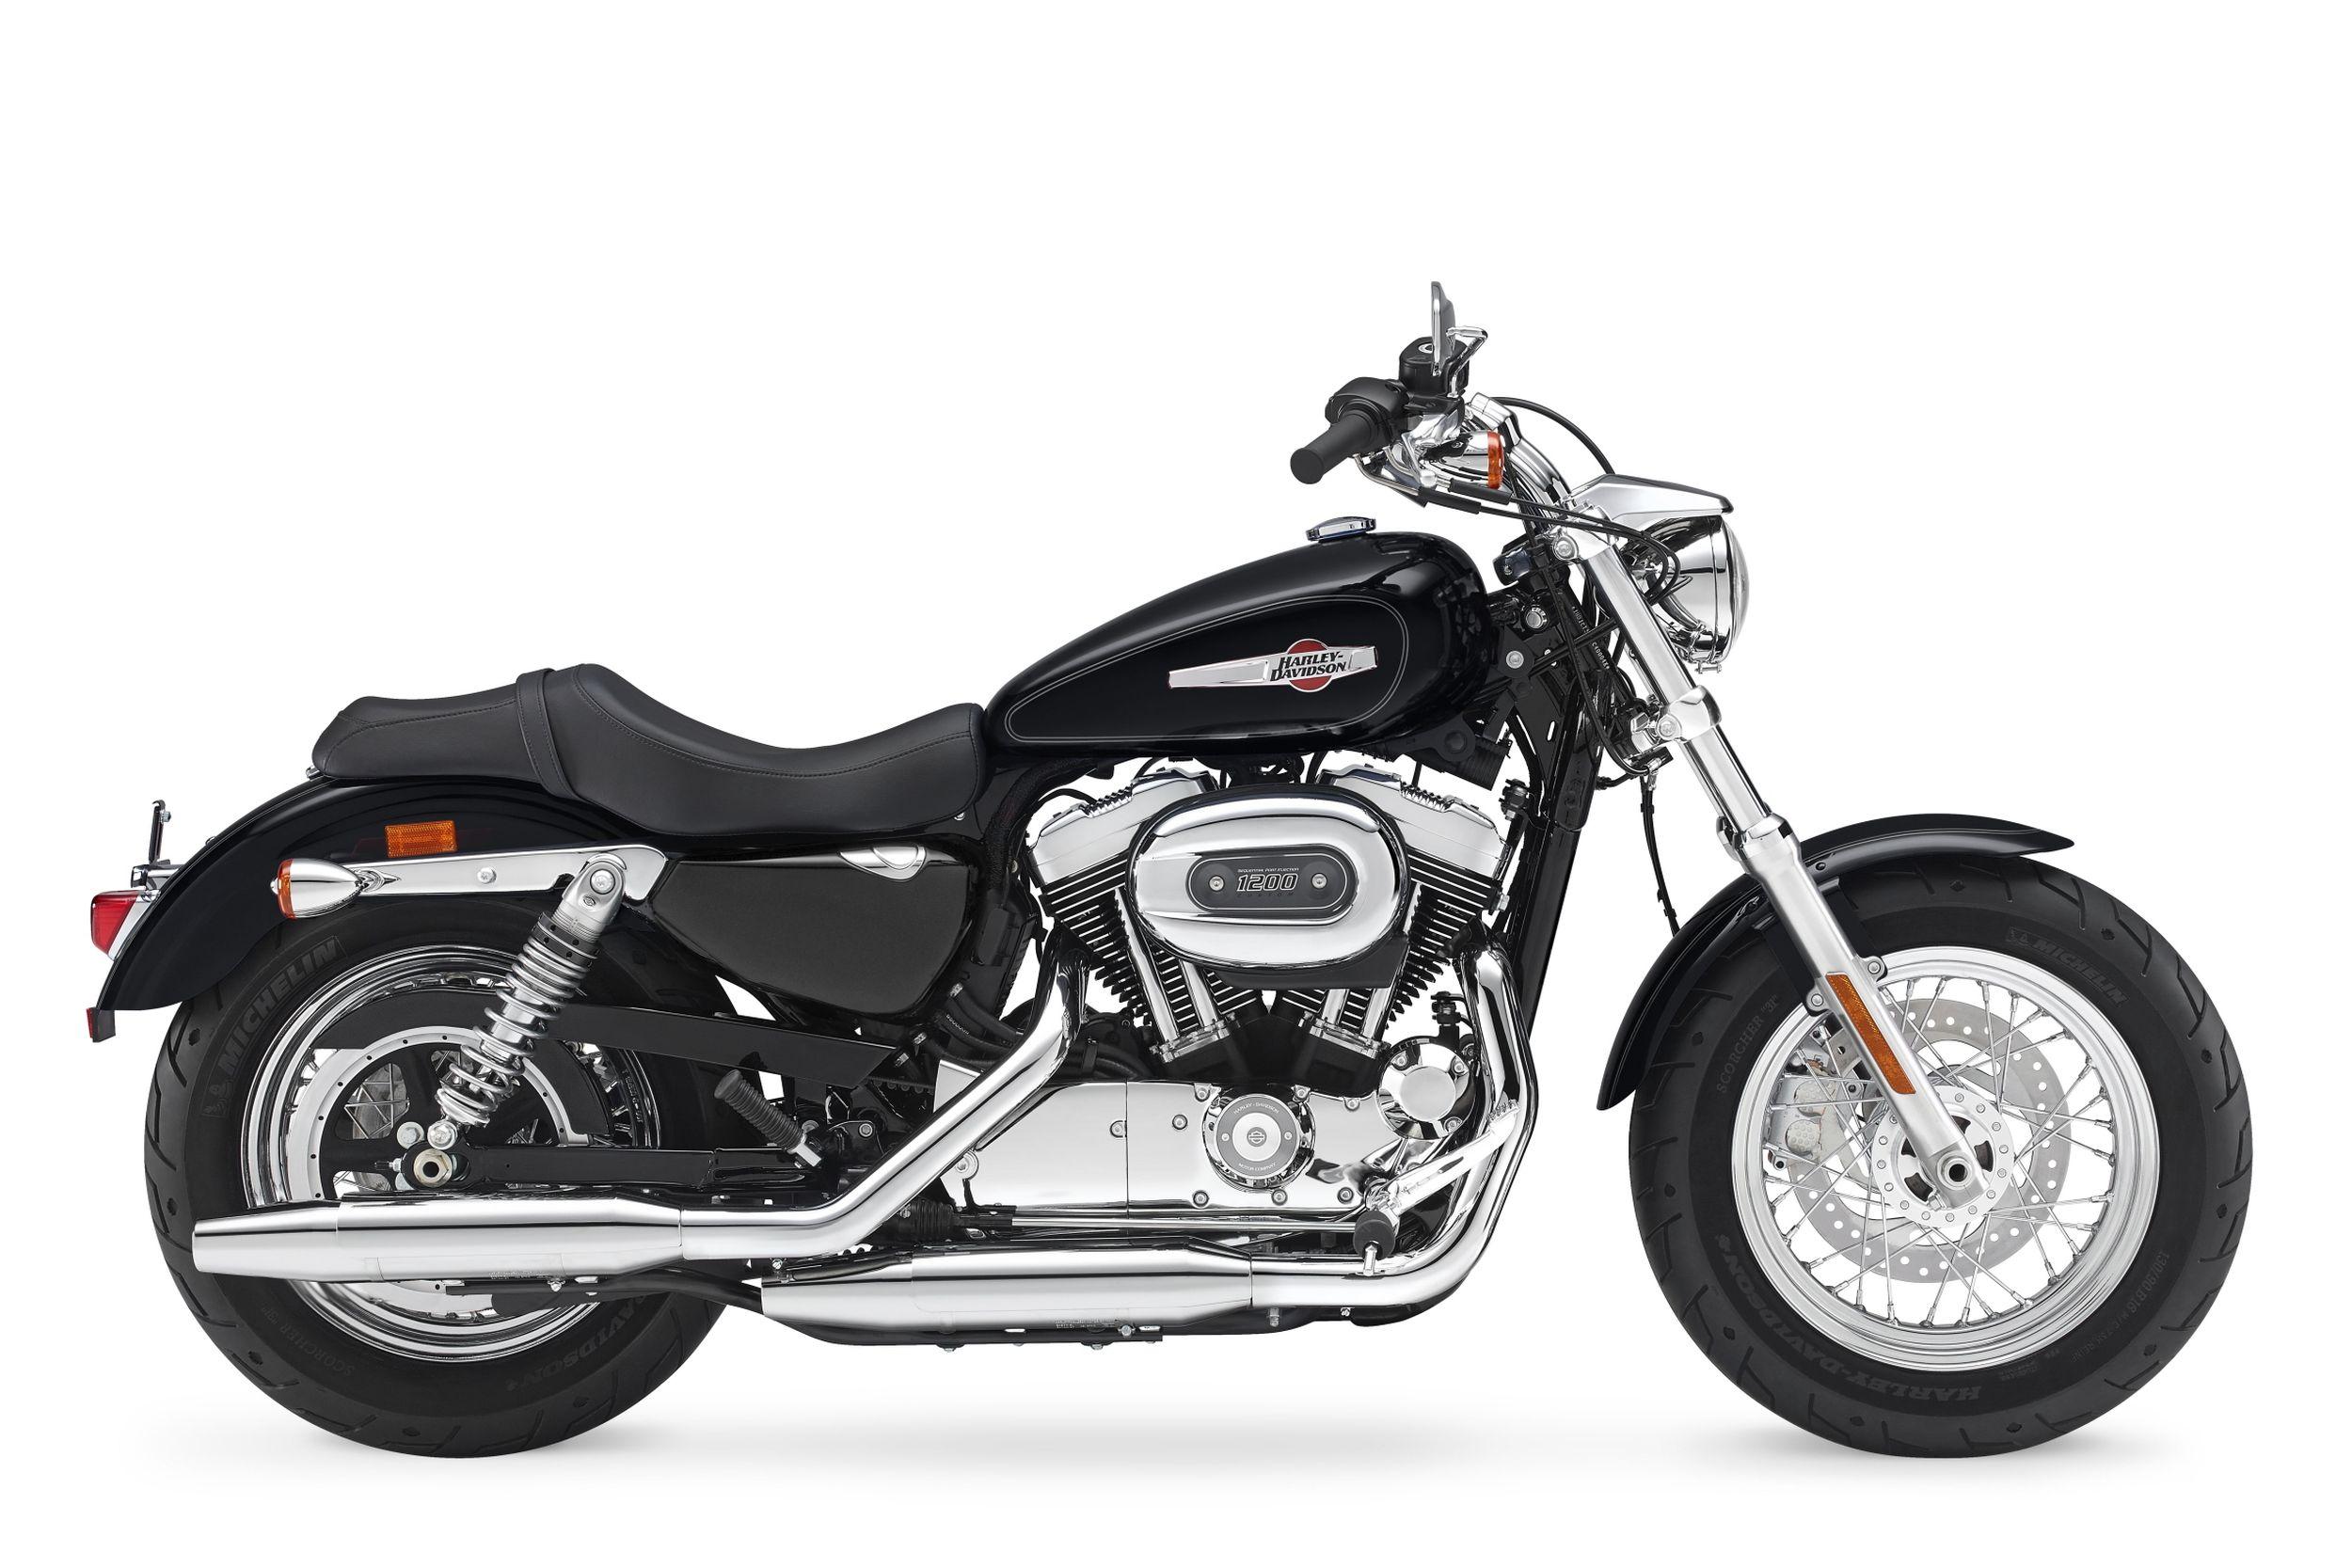 gebrauchte harley davidson sportster xl 1200c custom motorr der kaufen. Black Bedroom Furniture Sets. Home Design Ideas